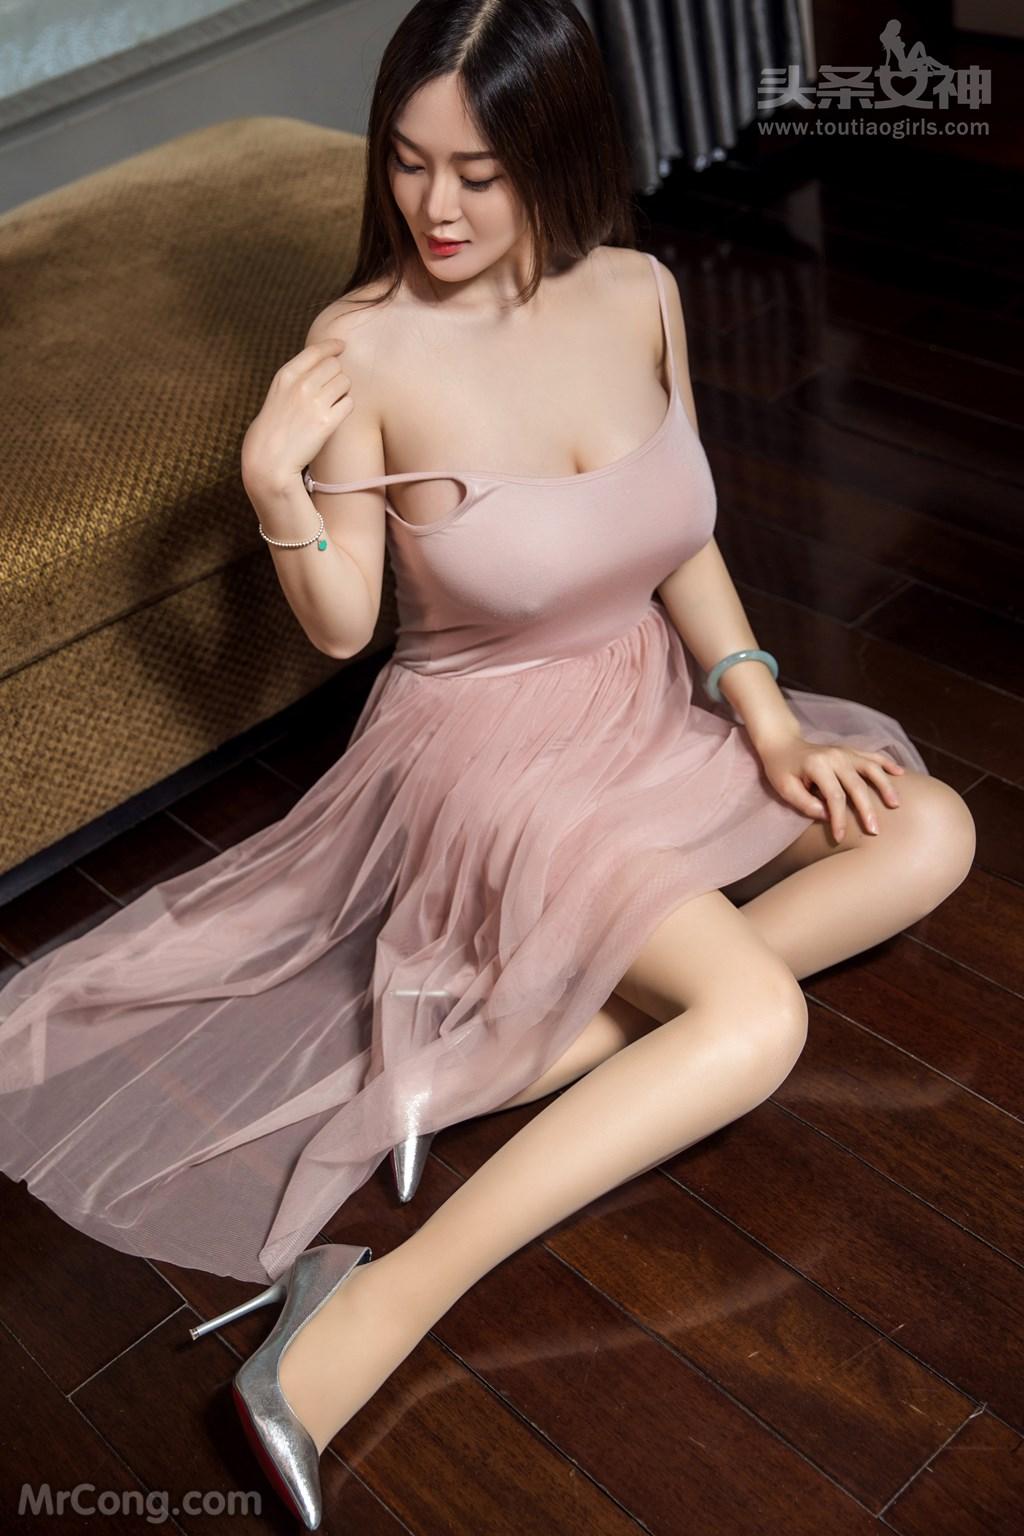 Image TouTiao-2017-05-08-Yi-Yang-MrCong.com-026 in post TouTiao 2017-05-08: Người mẫu Yi Yang (易阳) (30 ảnh)